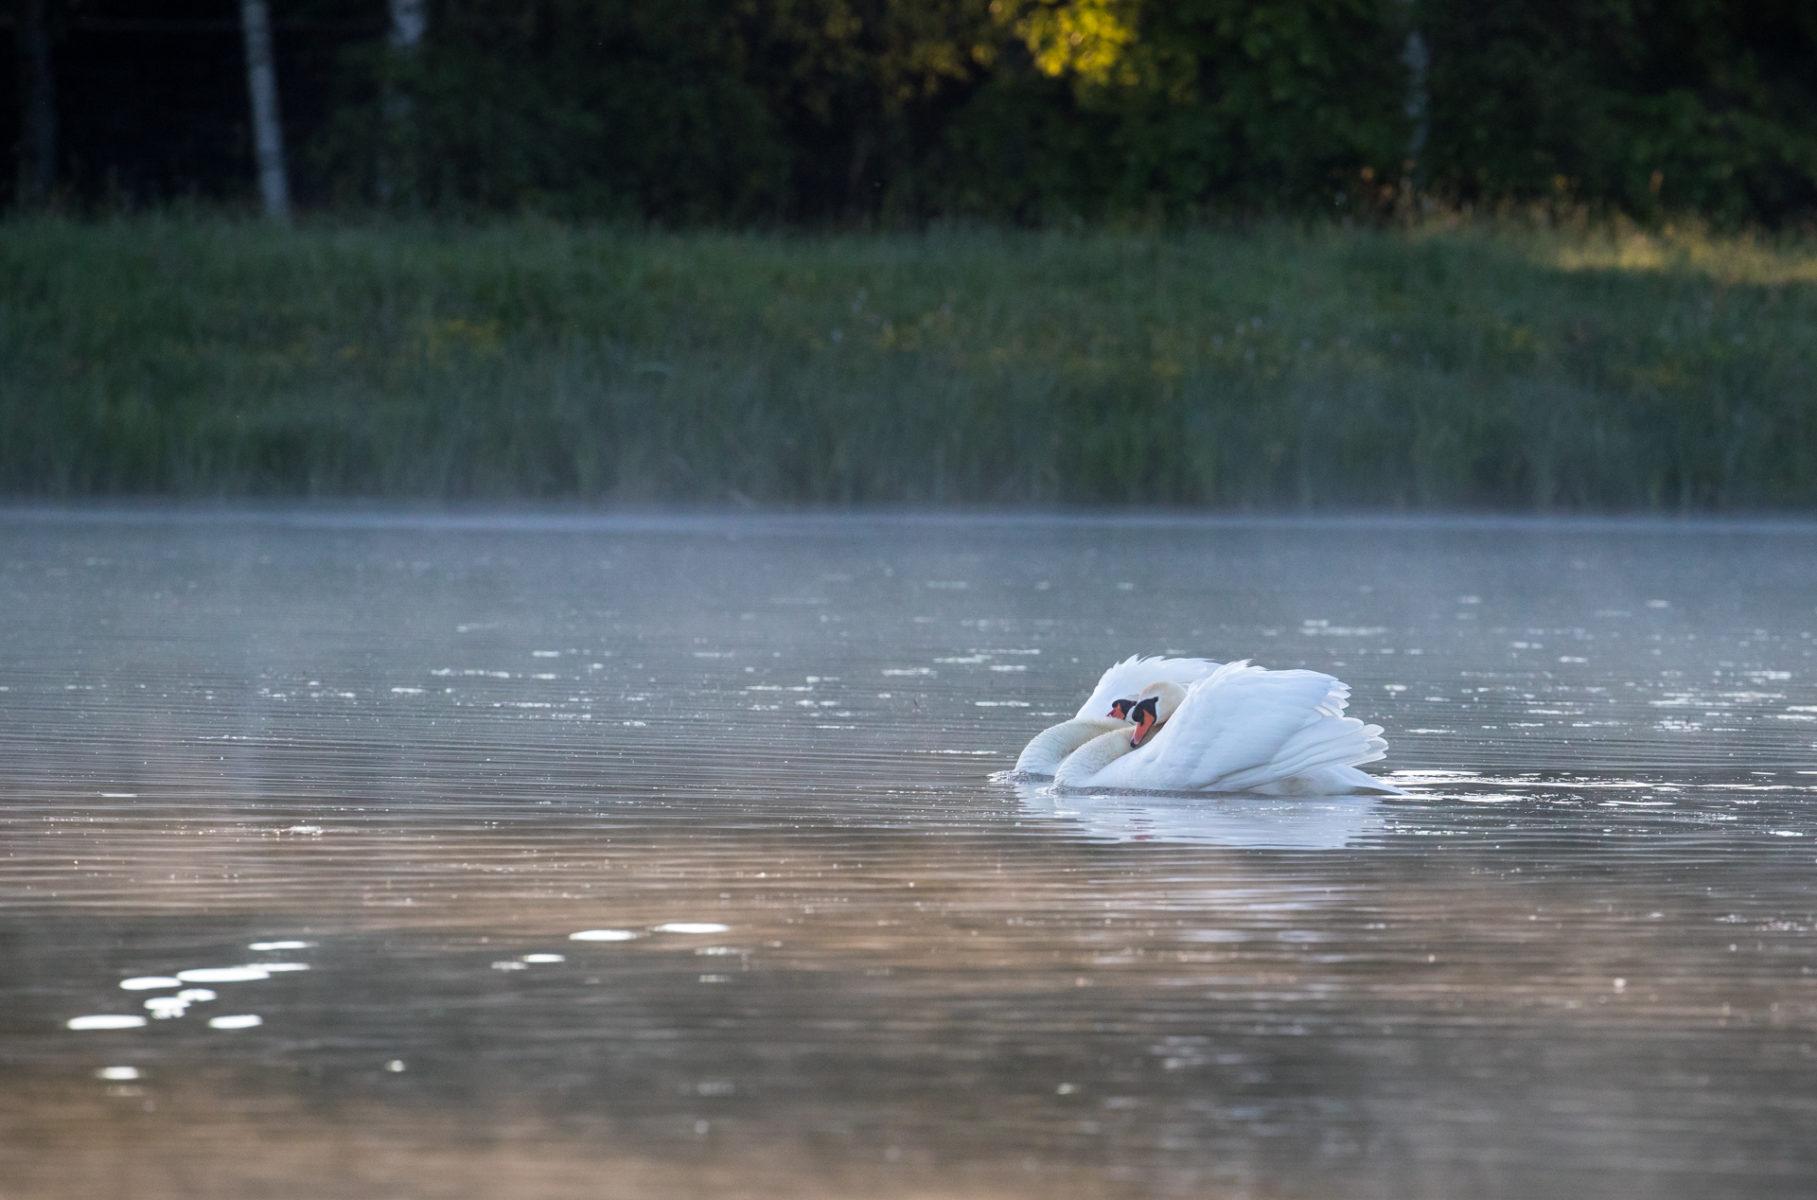 Es ist mein See, ist das klar?